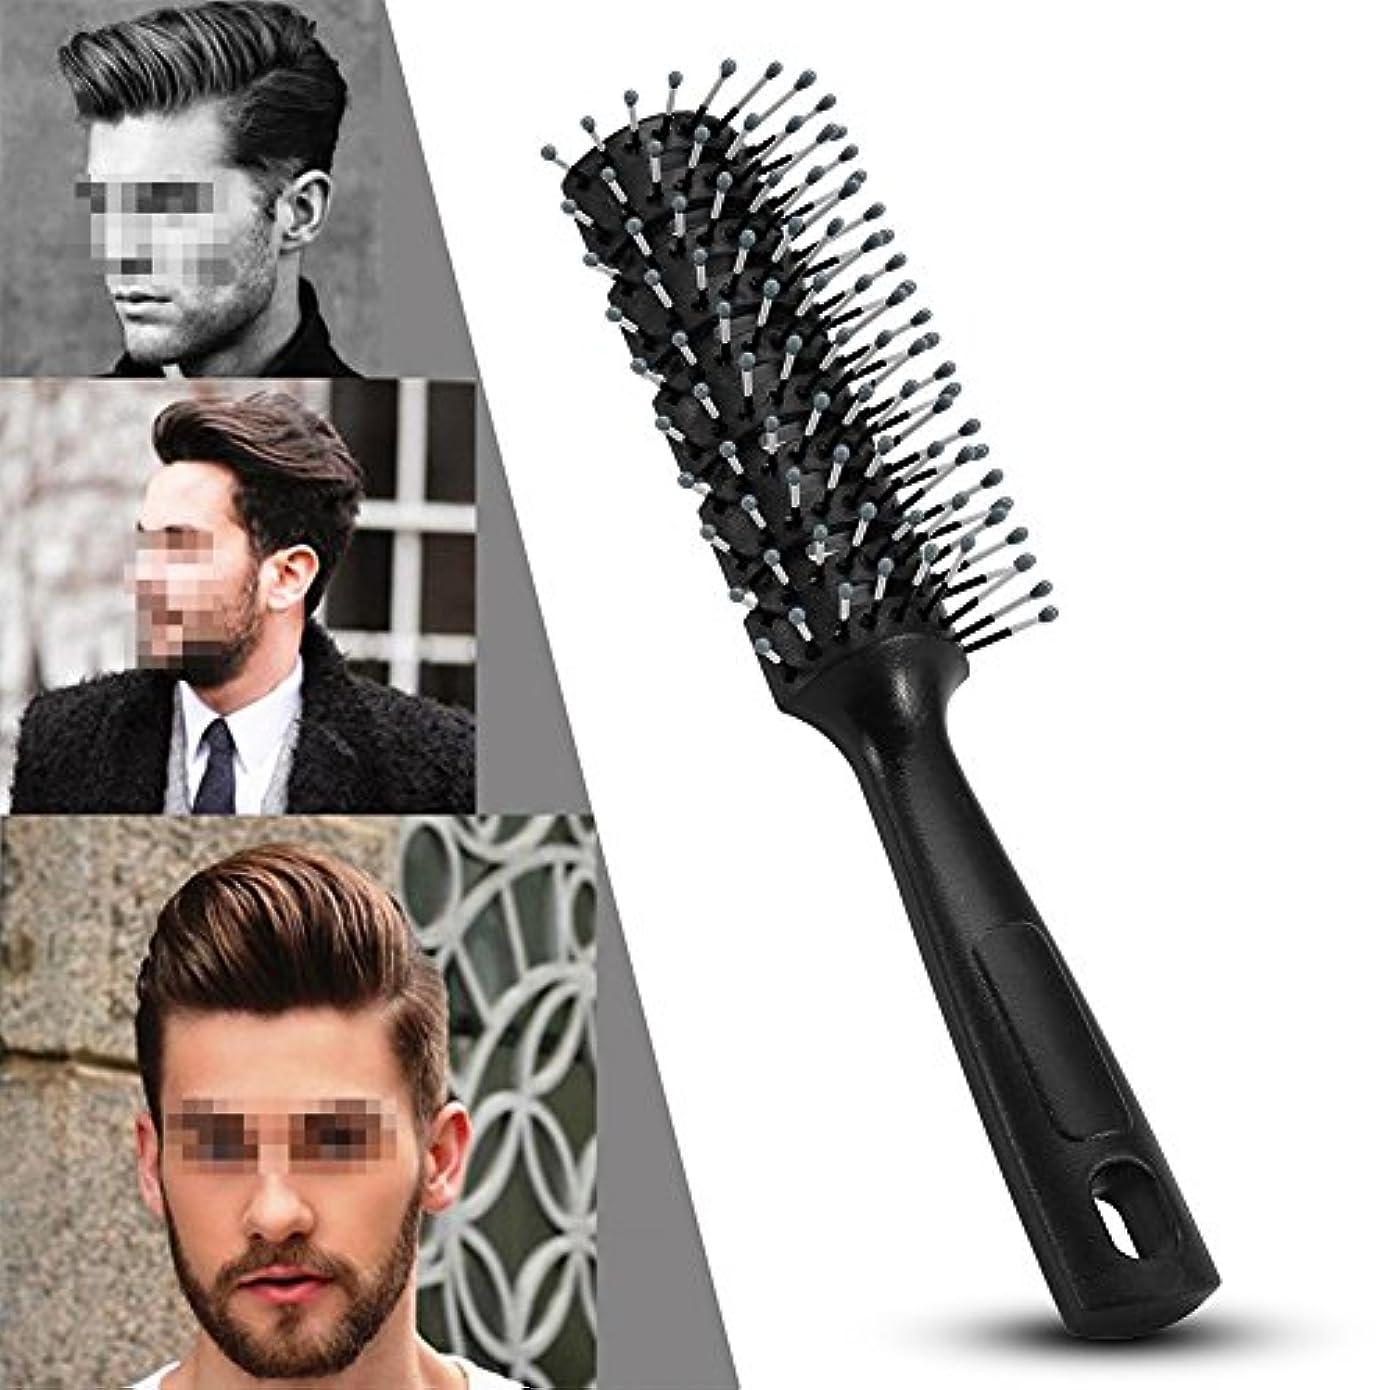 それにもかかわらずゲスト振り返る男性ヘアコーム、帯電防止コーム理髪ヘアブラシスタイリングツール